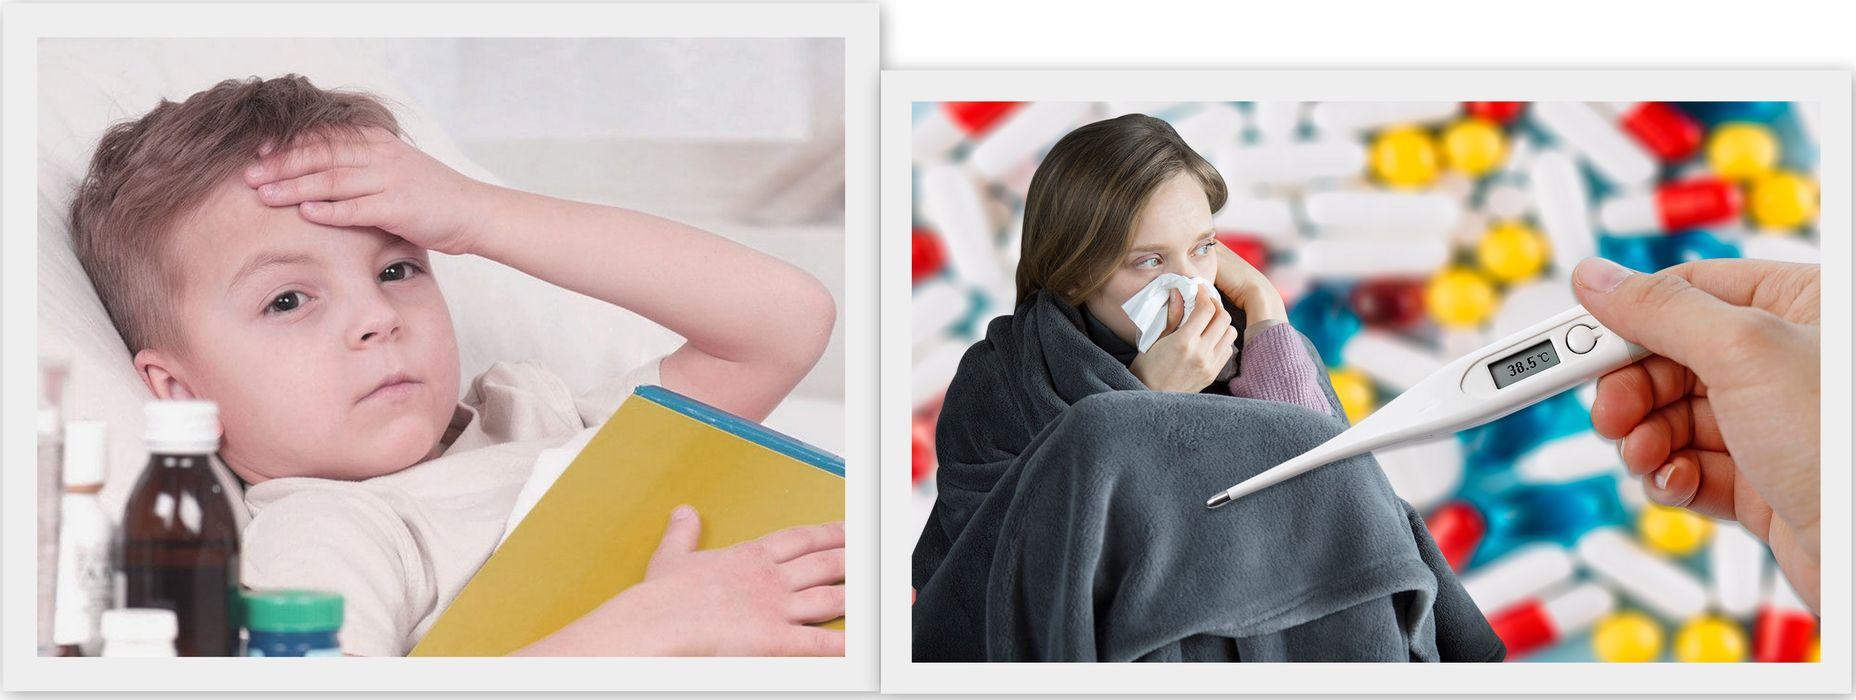 Симптомы гриппа 2021 у взрослых и детей